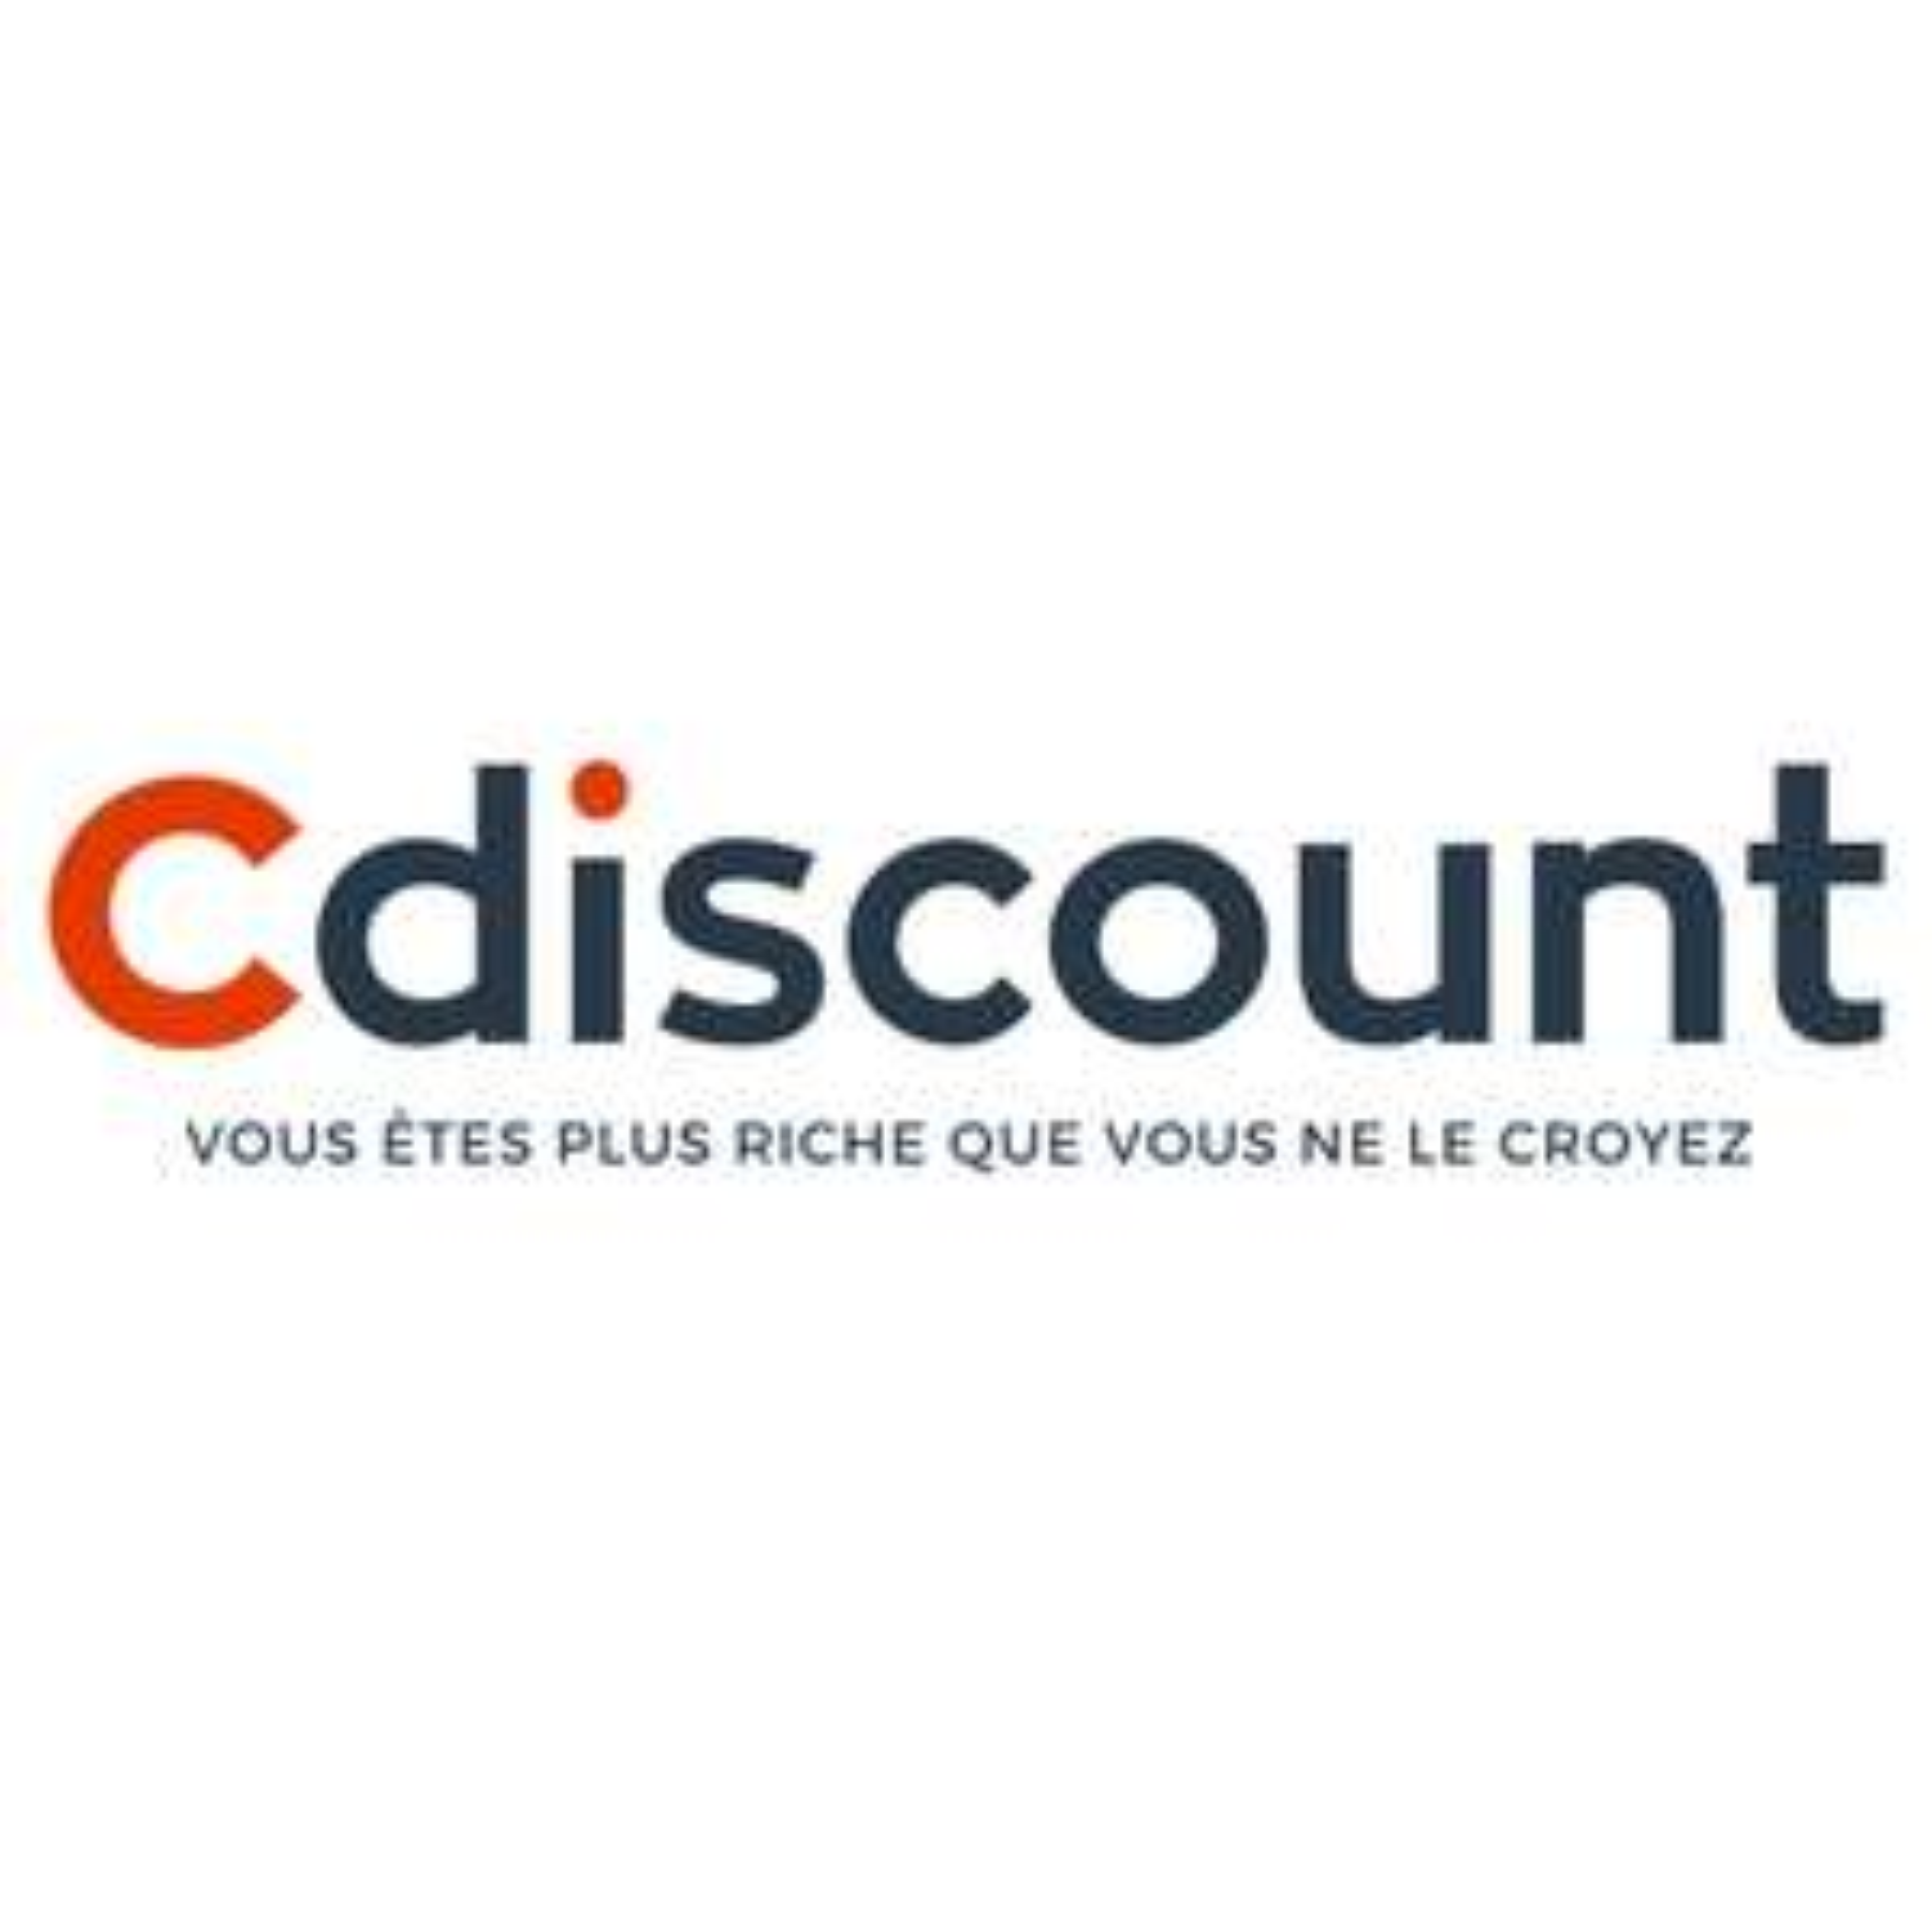 5€ de réduction dès 39€, 10 dès 79€ et 25€ dès 199€ d'achat sur tout le site (via l'application)